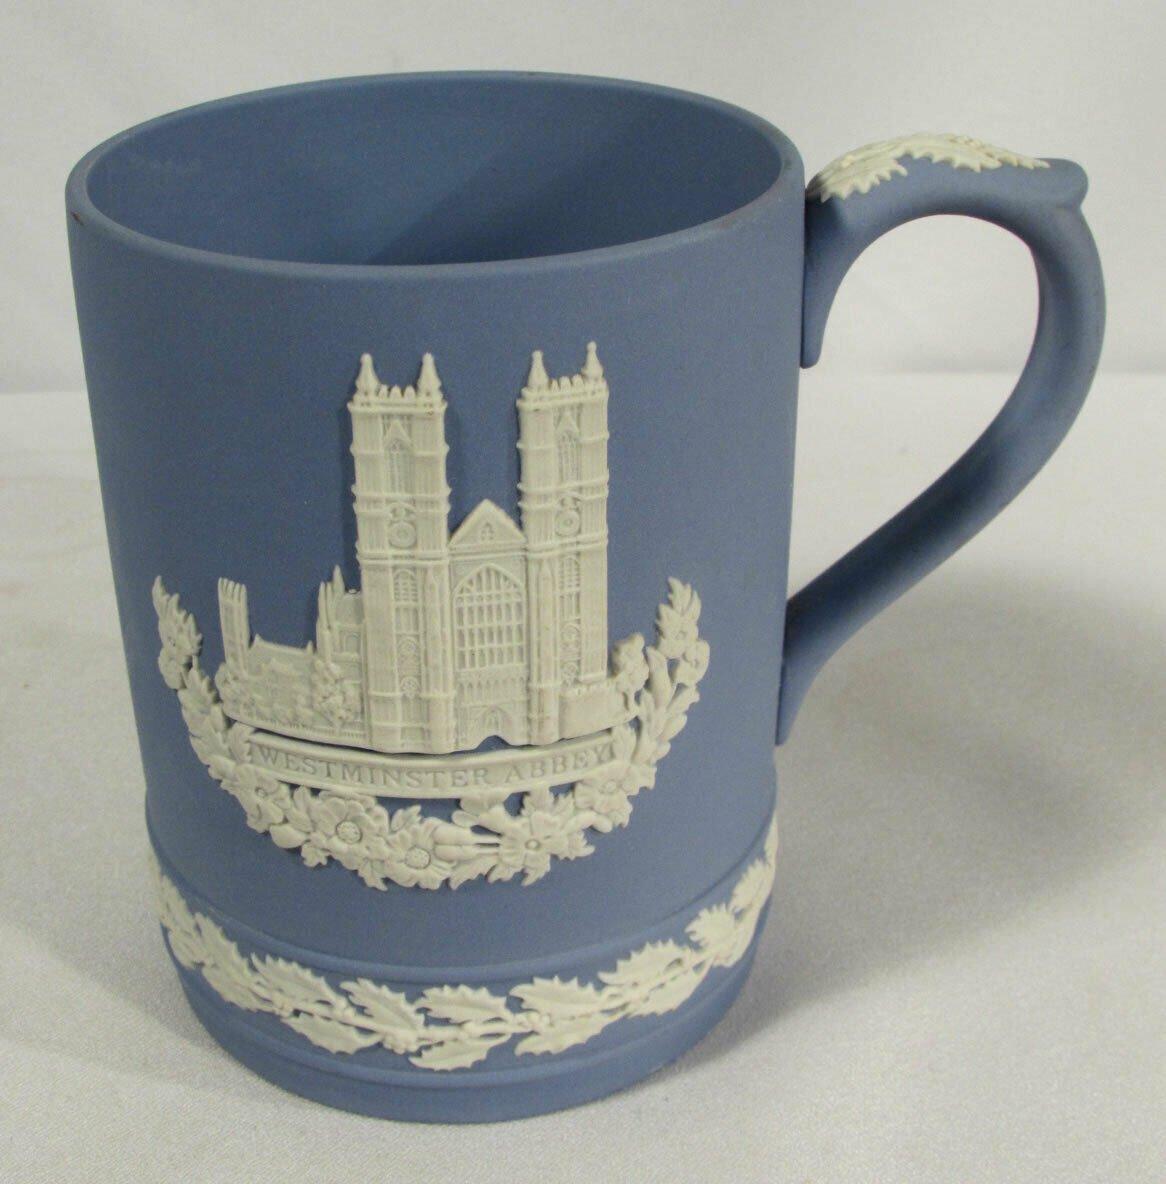 Vintage Wedgwood Westminster Abbey 1977 Christmas Mug White on Blue